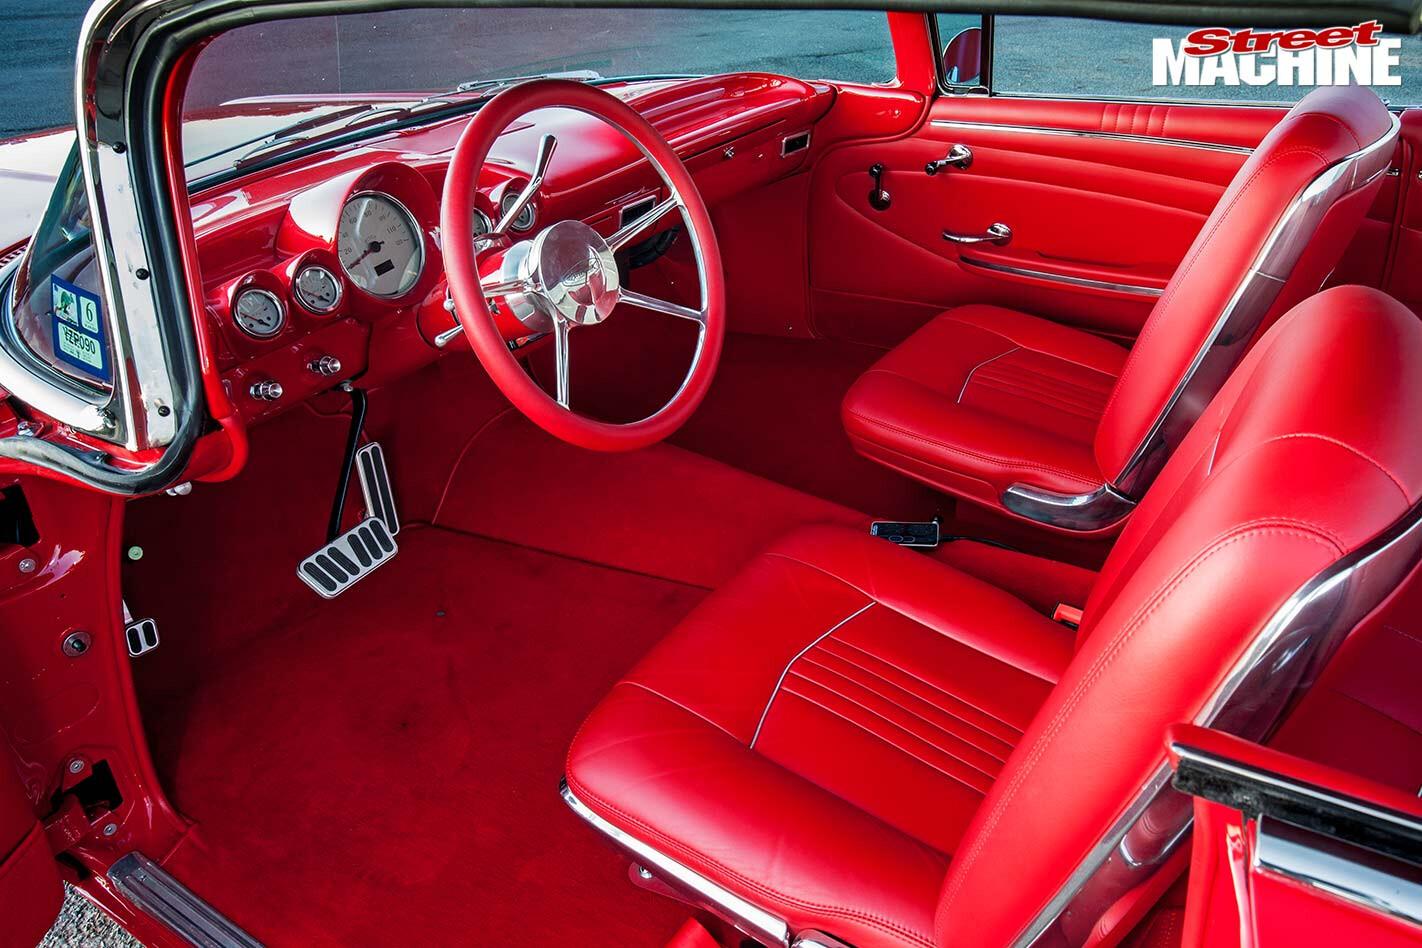 Chev Impala interior